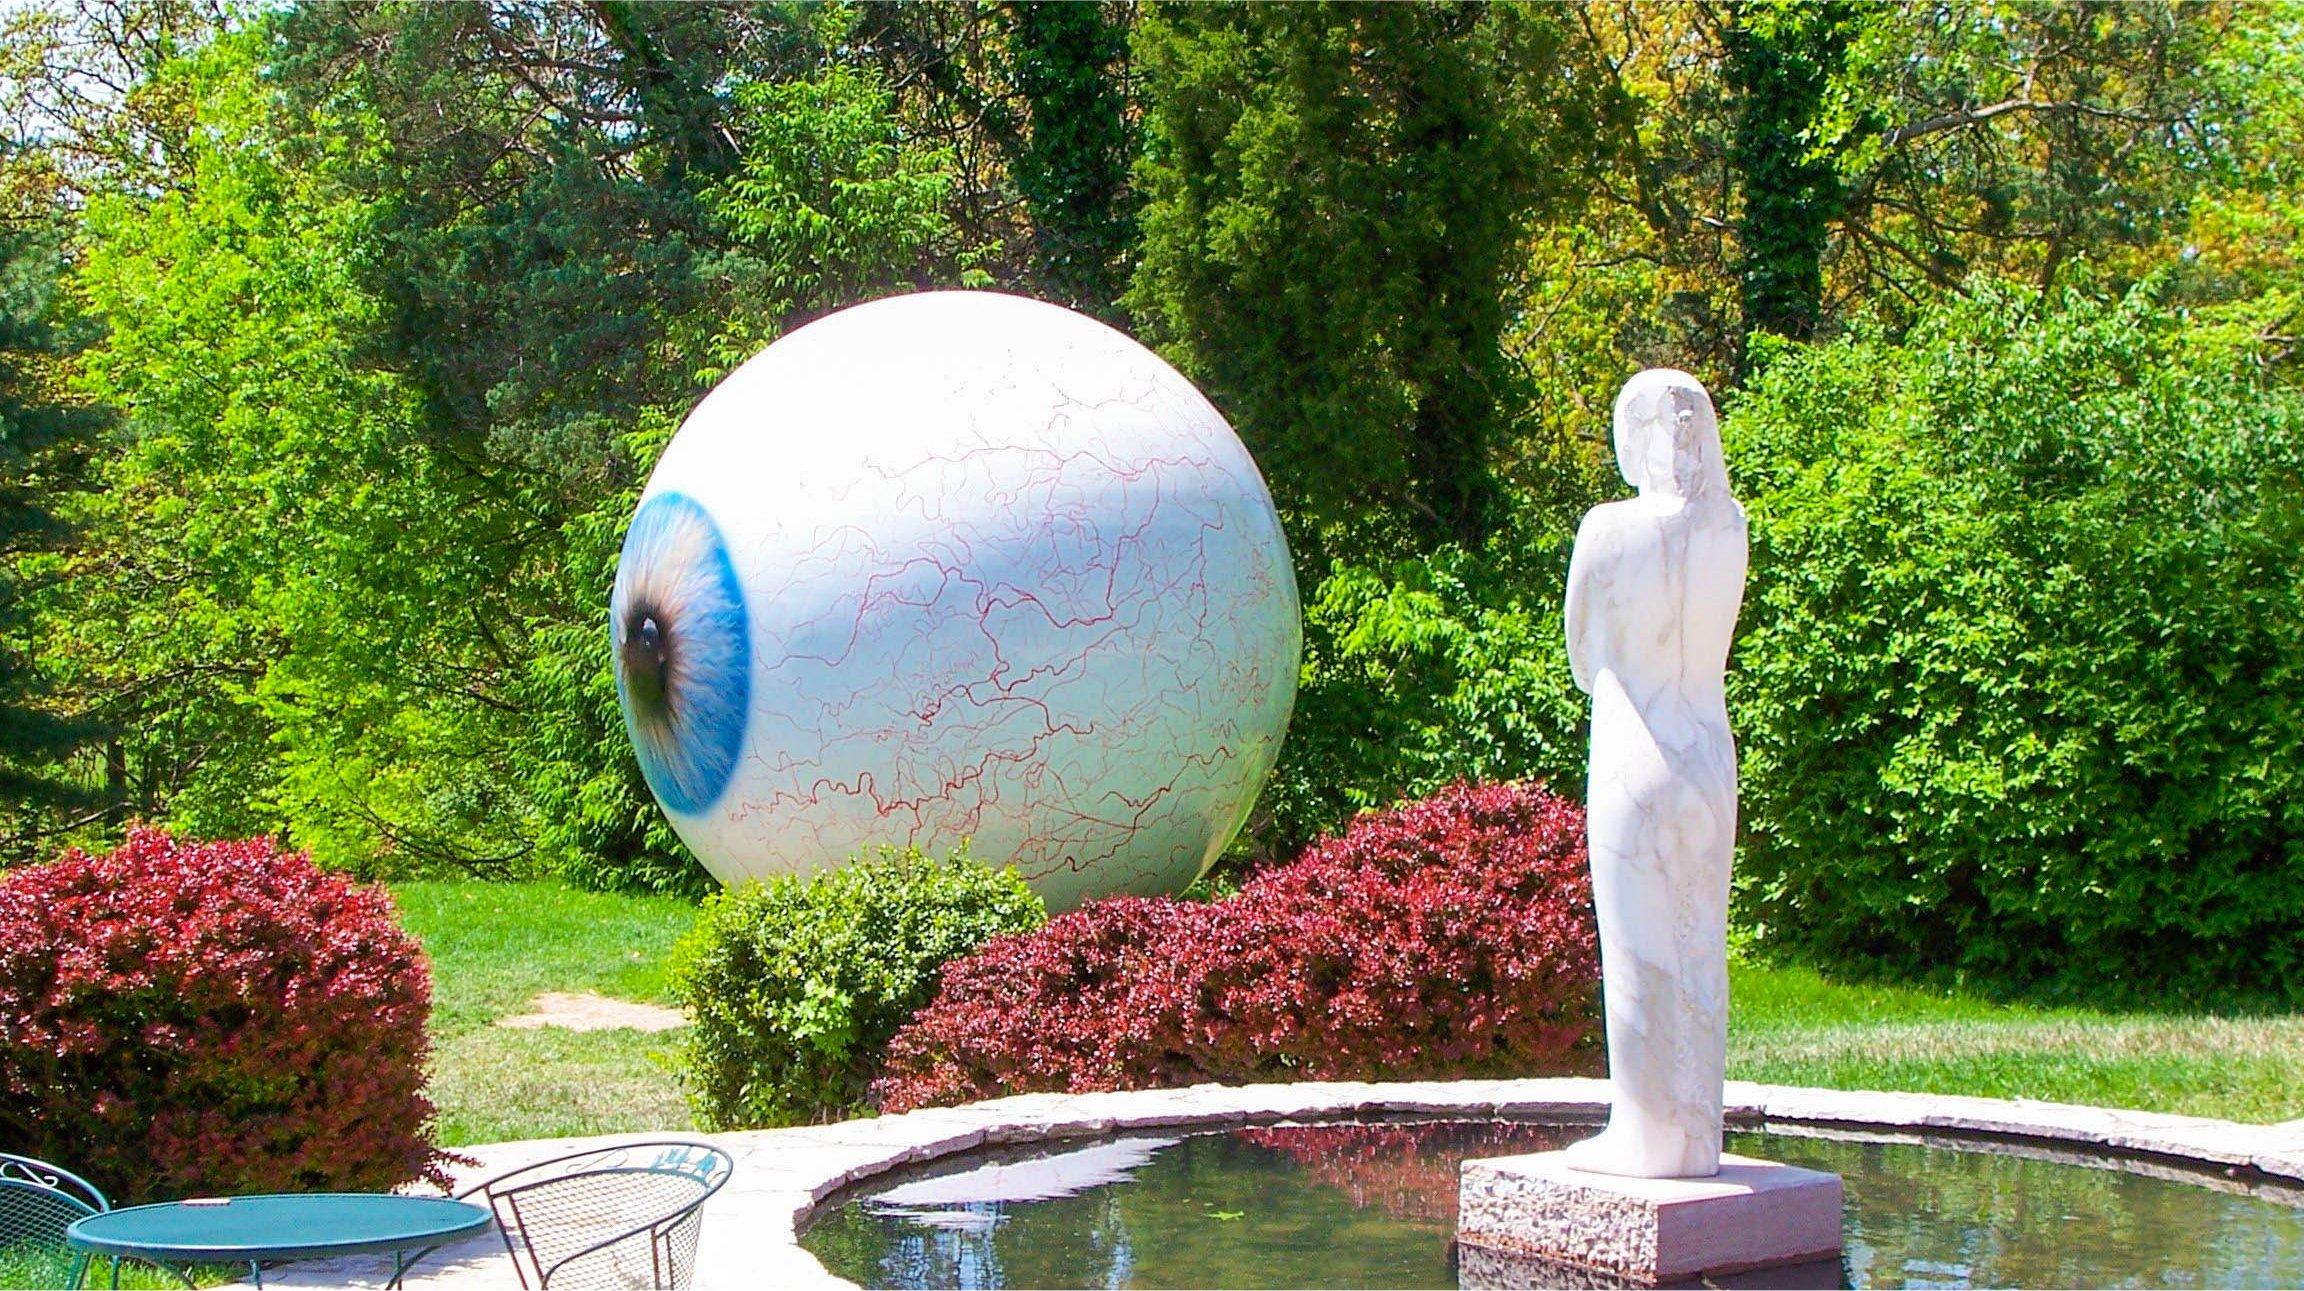 Laumeier Sculpture Park Kirkwood, Missouri